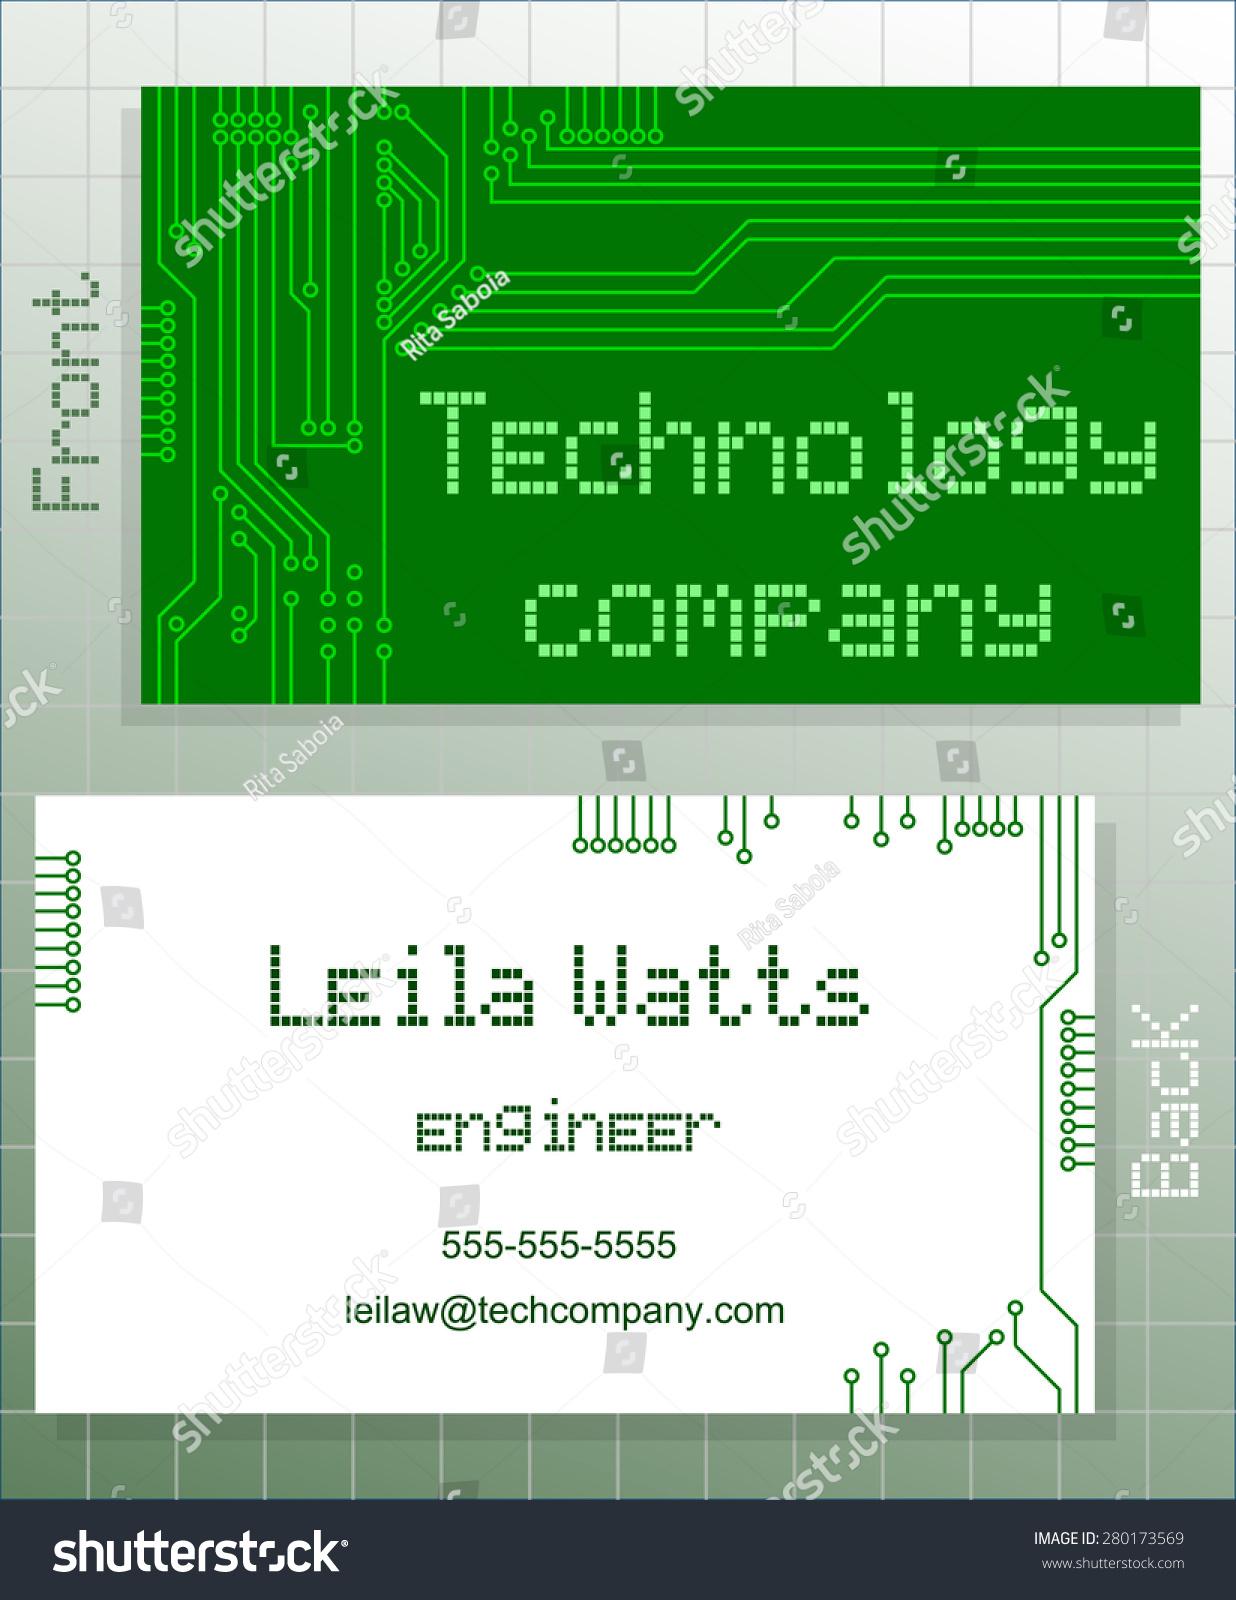 Great Business Green Card Images - Business Card Ideas - etadam.info